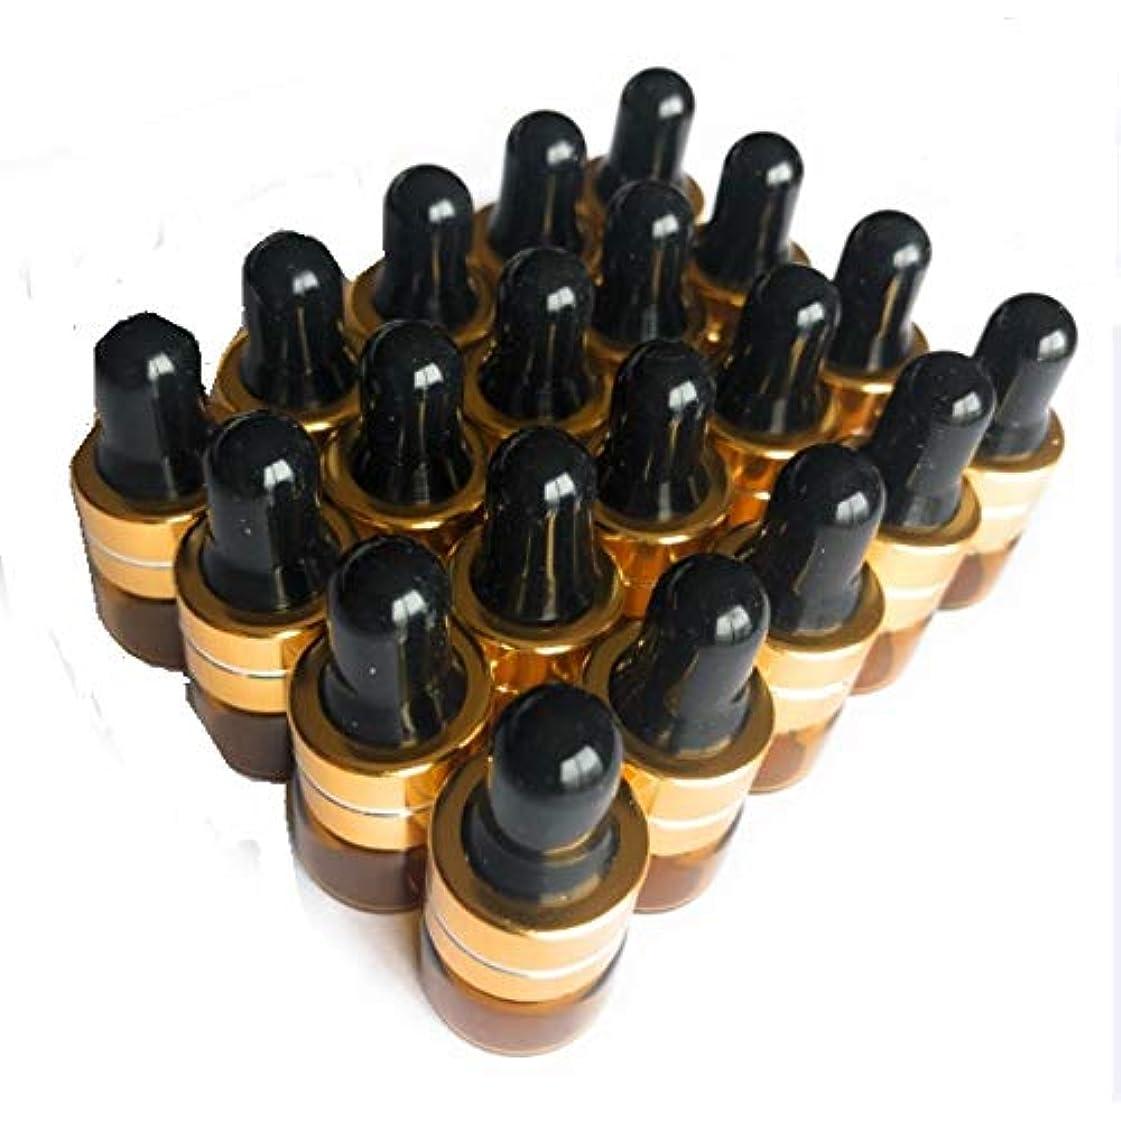 メジャーミニ試用its 遮光瓶 アロマオイル 精油 小分け用 ガラス製 保存容器 茶色 (20本 セット 2ml)